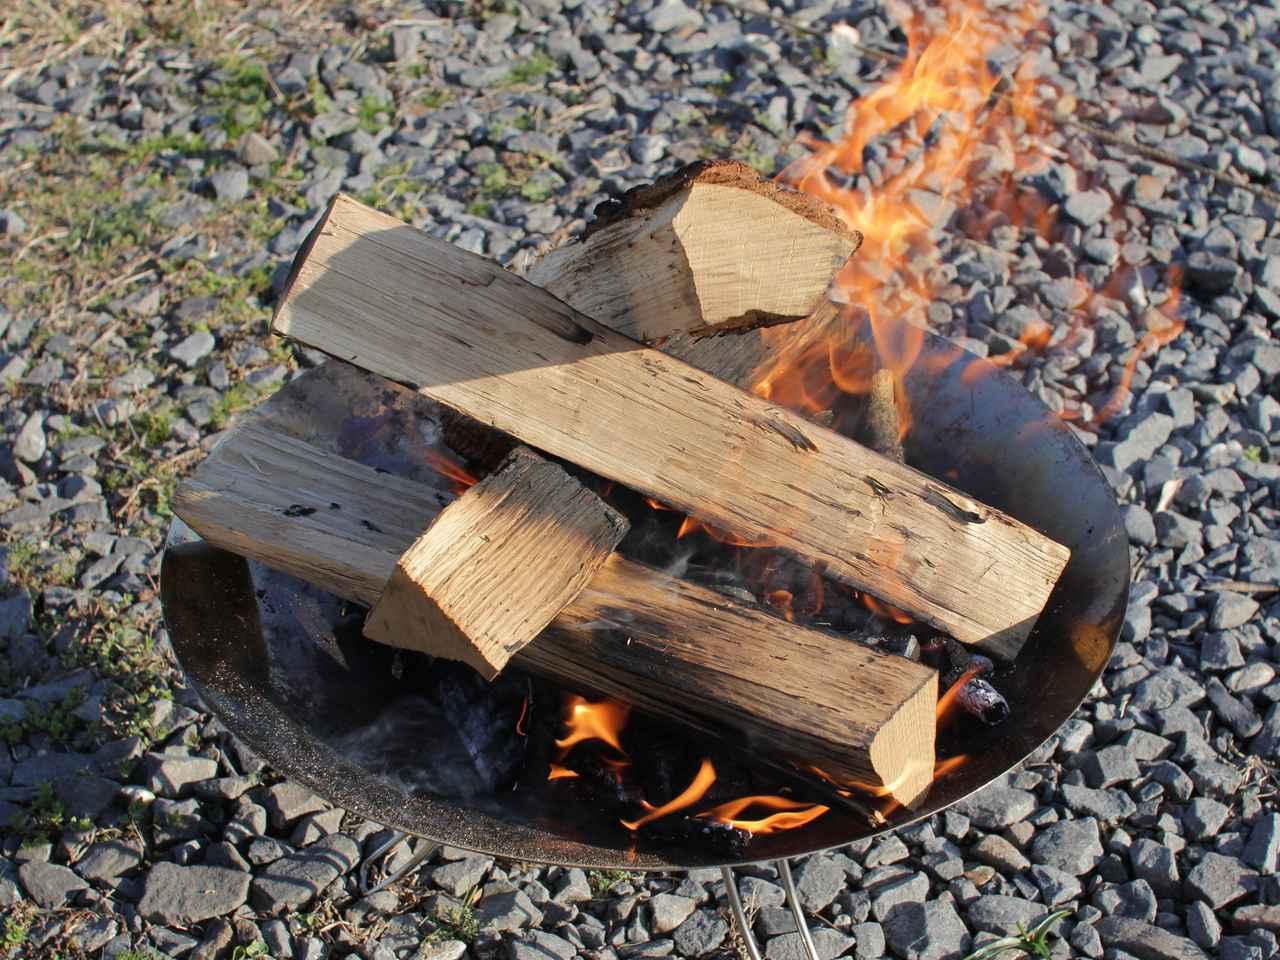 画像: 【初心者必見】キャンプでの薪の組み方4選 キャンプファイヤー・調理など用途別に紹介 - ハピキャン(HAPPY CAMPER)